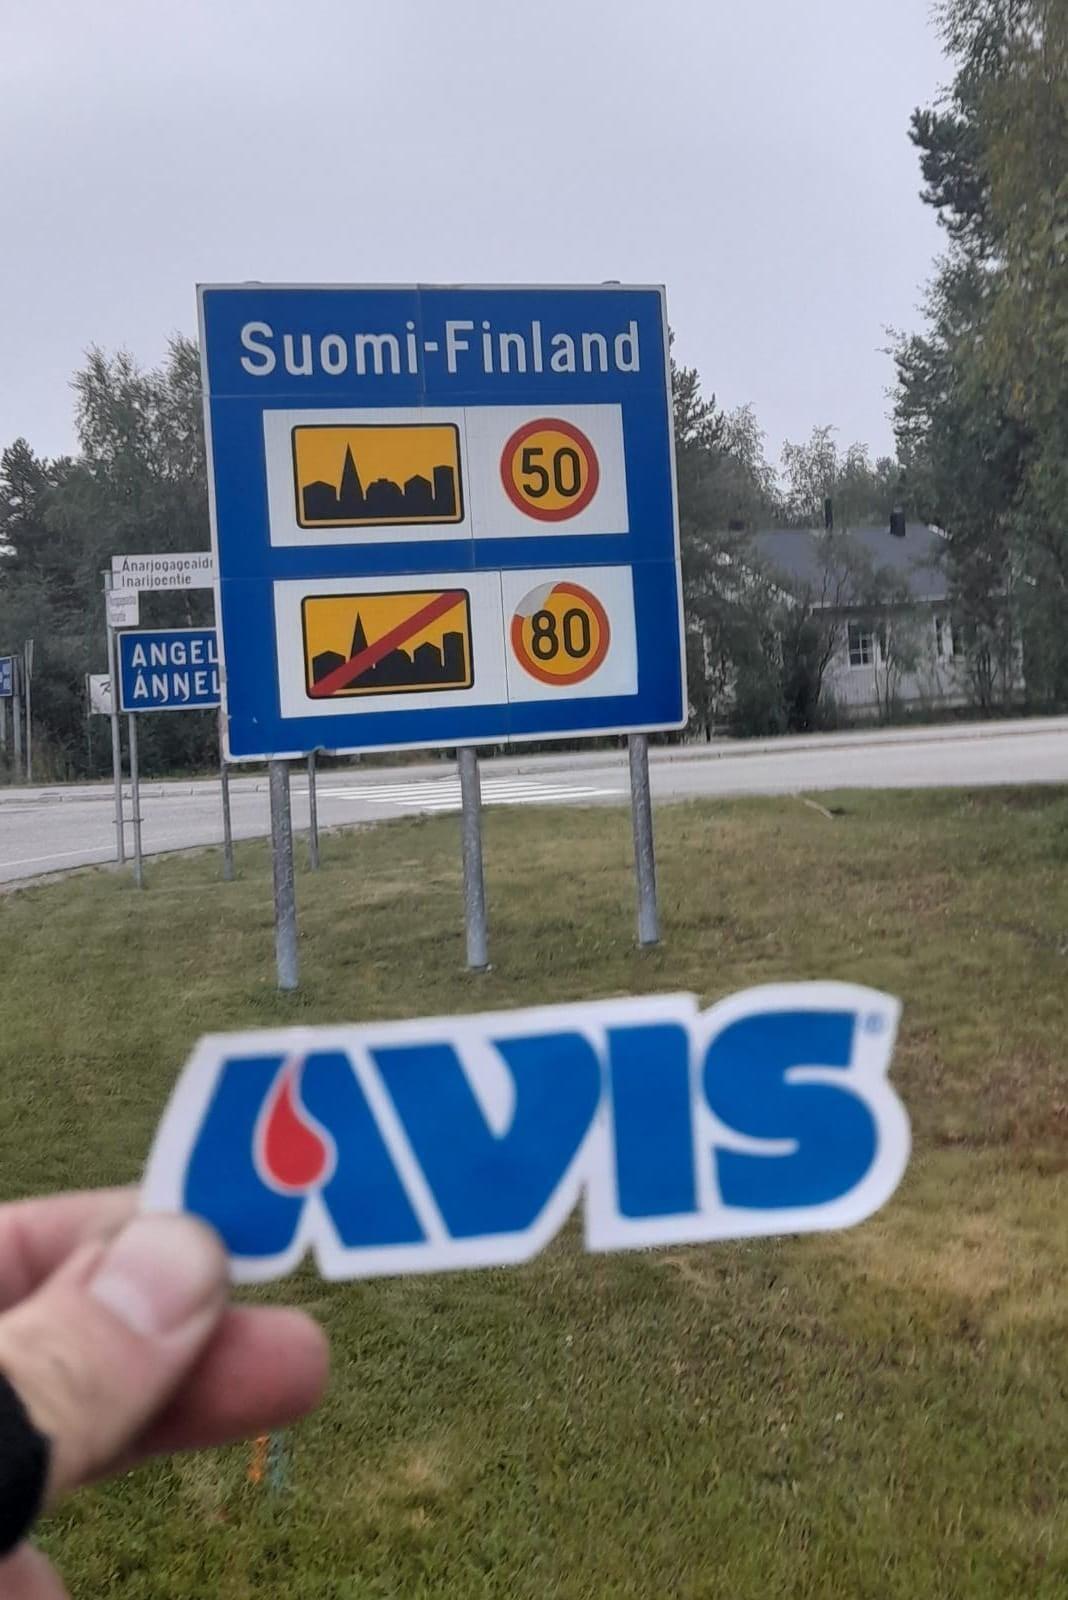 L'arrivo in Finlandia